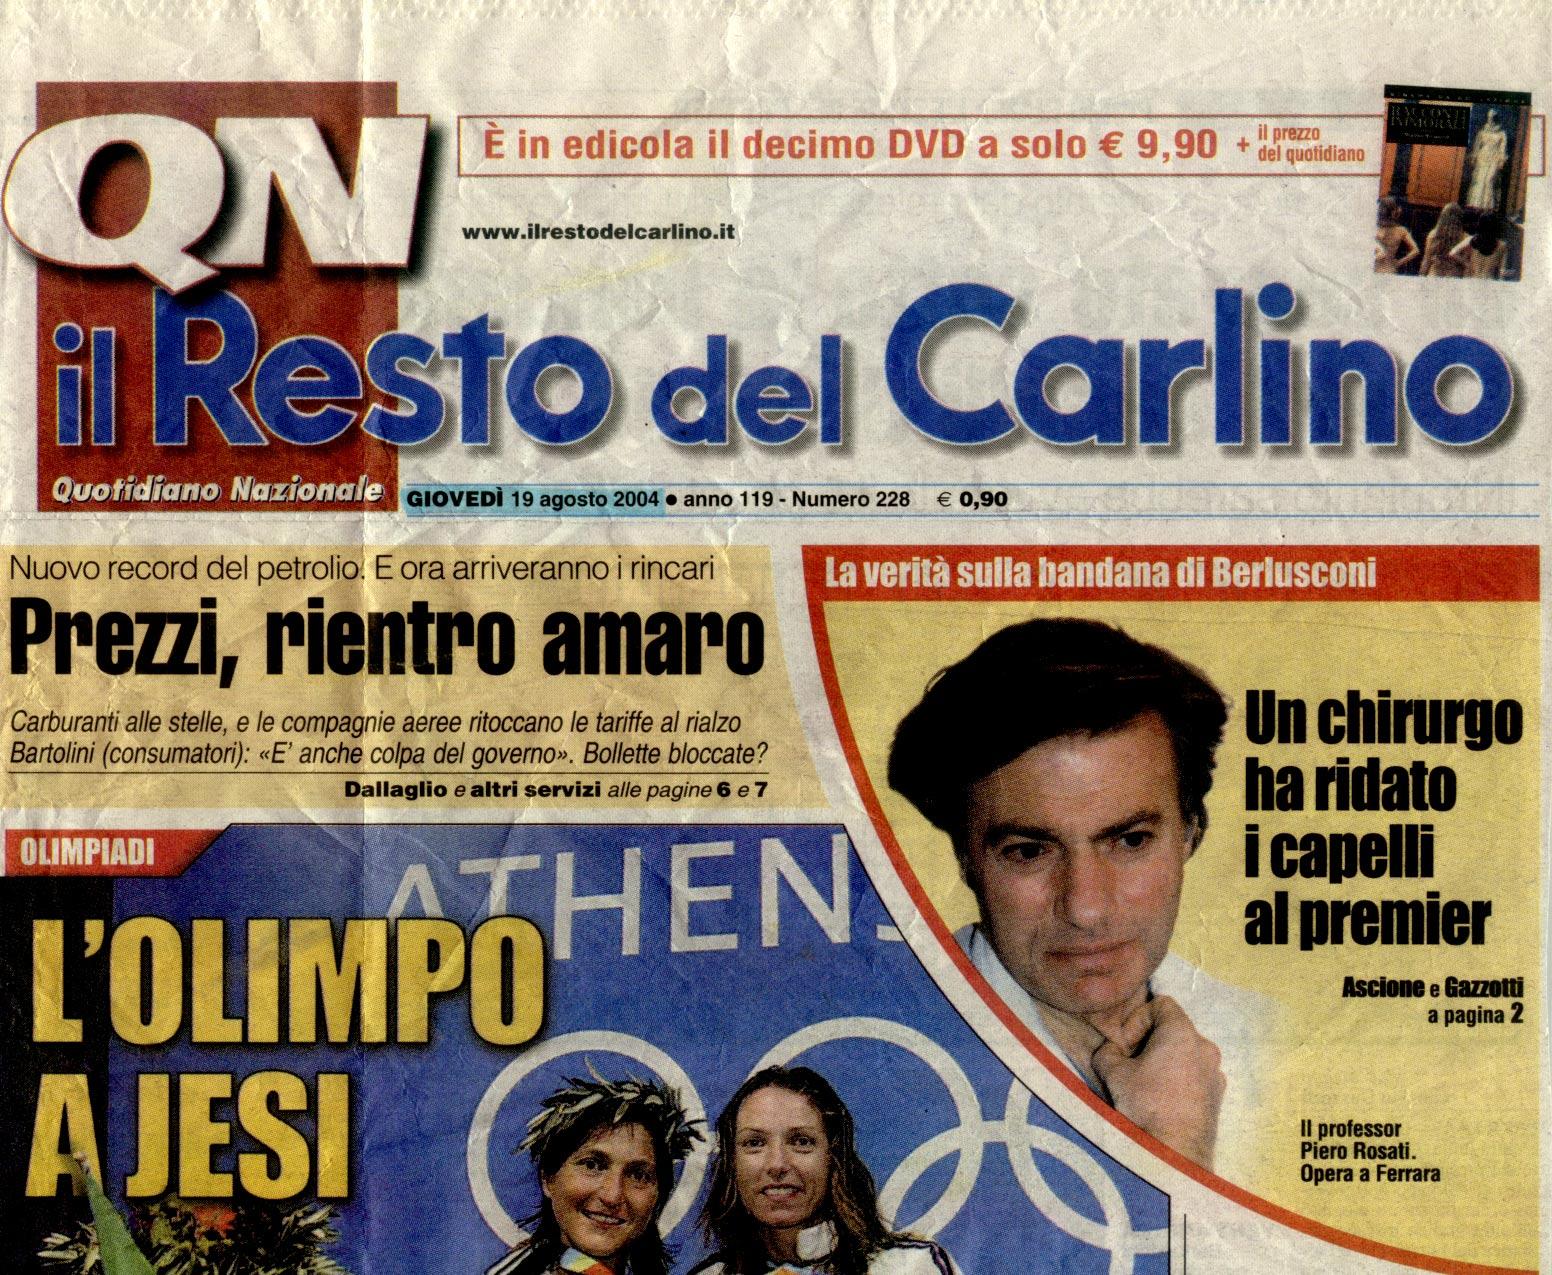 Berlusconi: un segreto sotto la bandana - Copertina